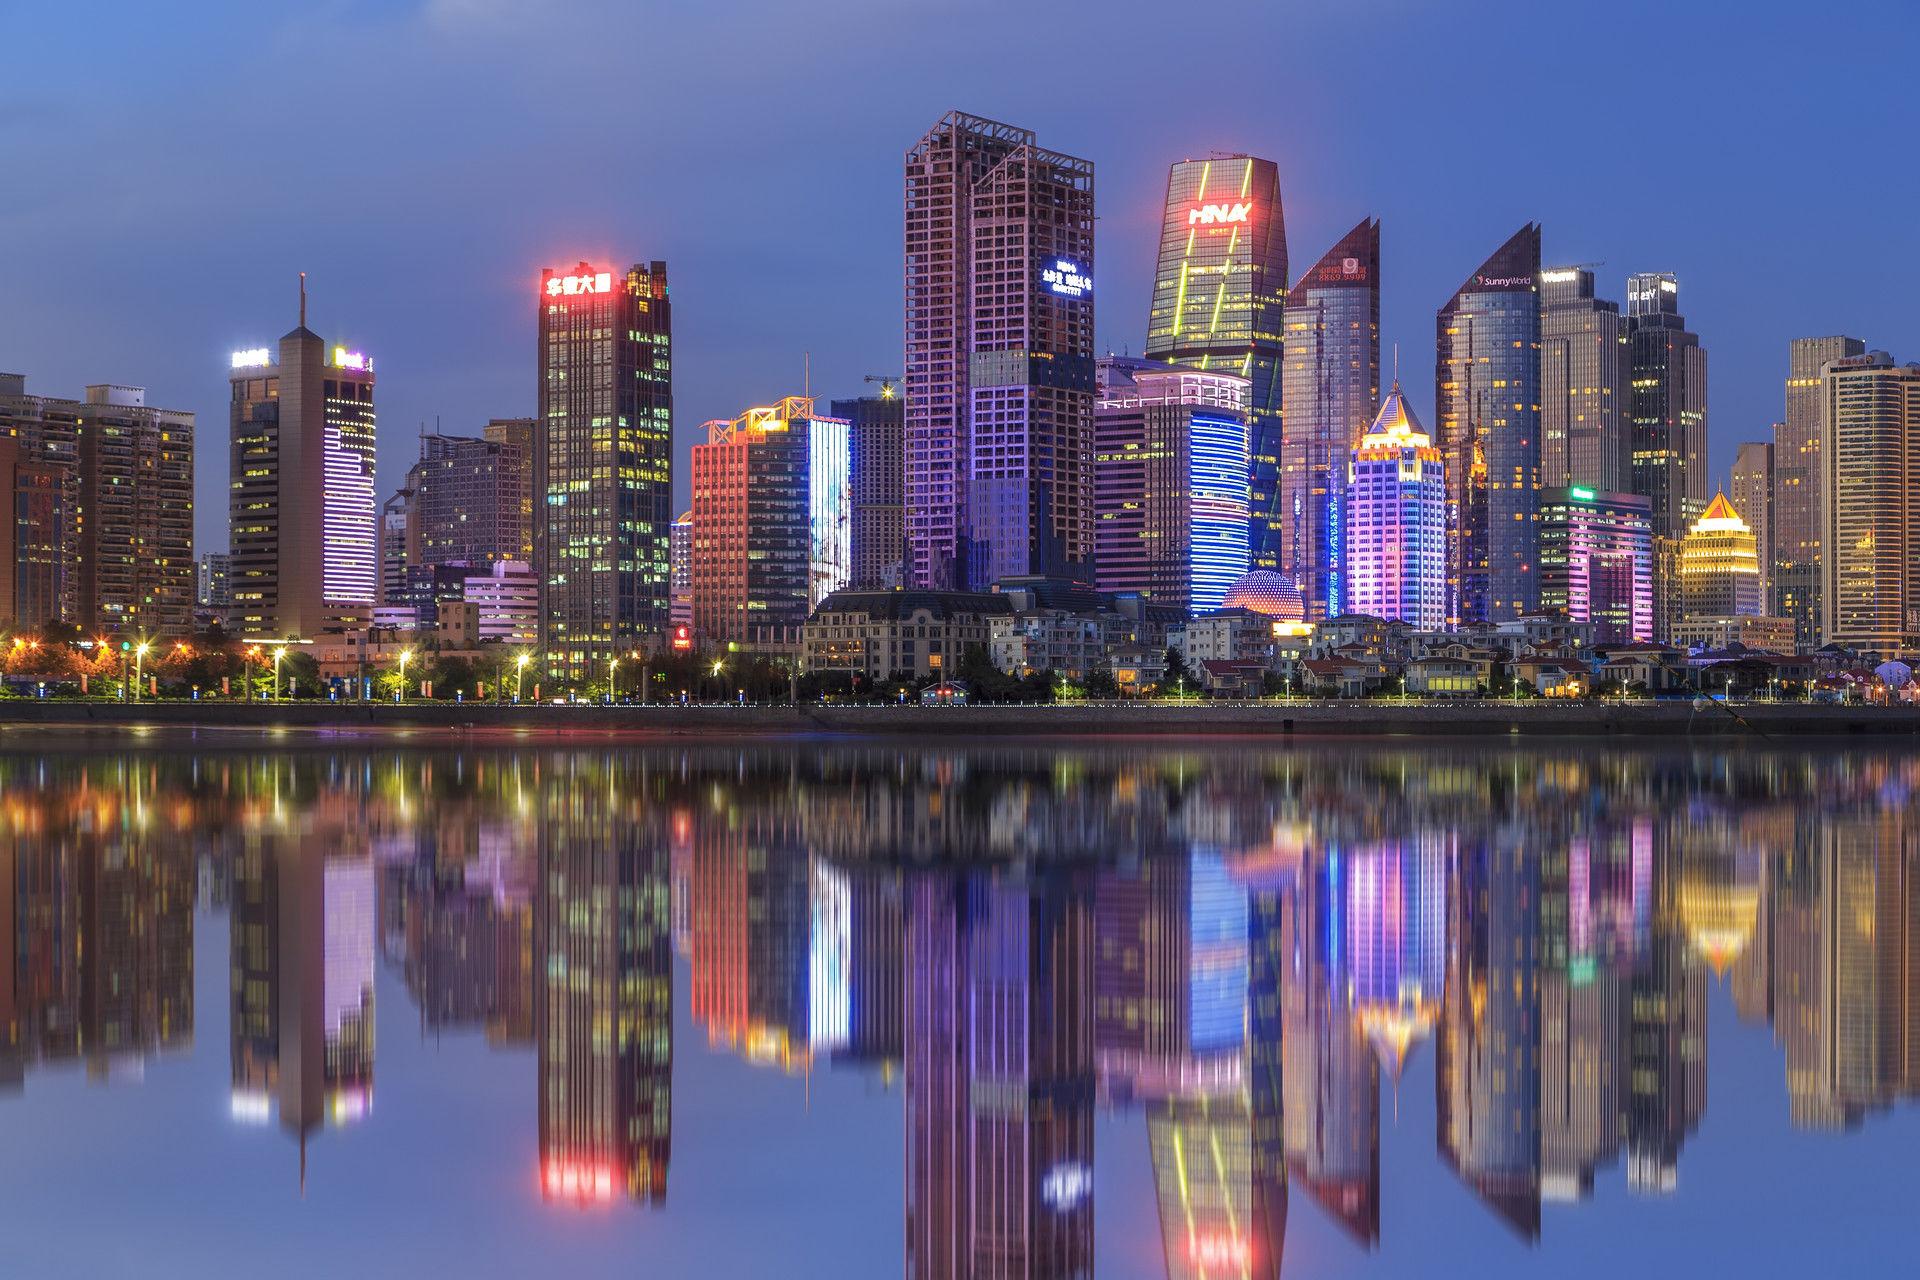 军事资讯_青岛:到2020年新引进世界500强企业30家以上_青岛频道_凤凰网